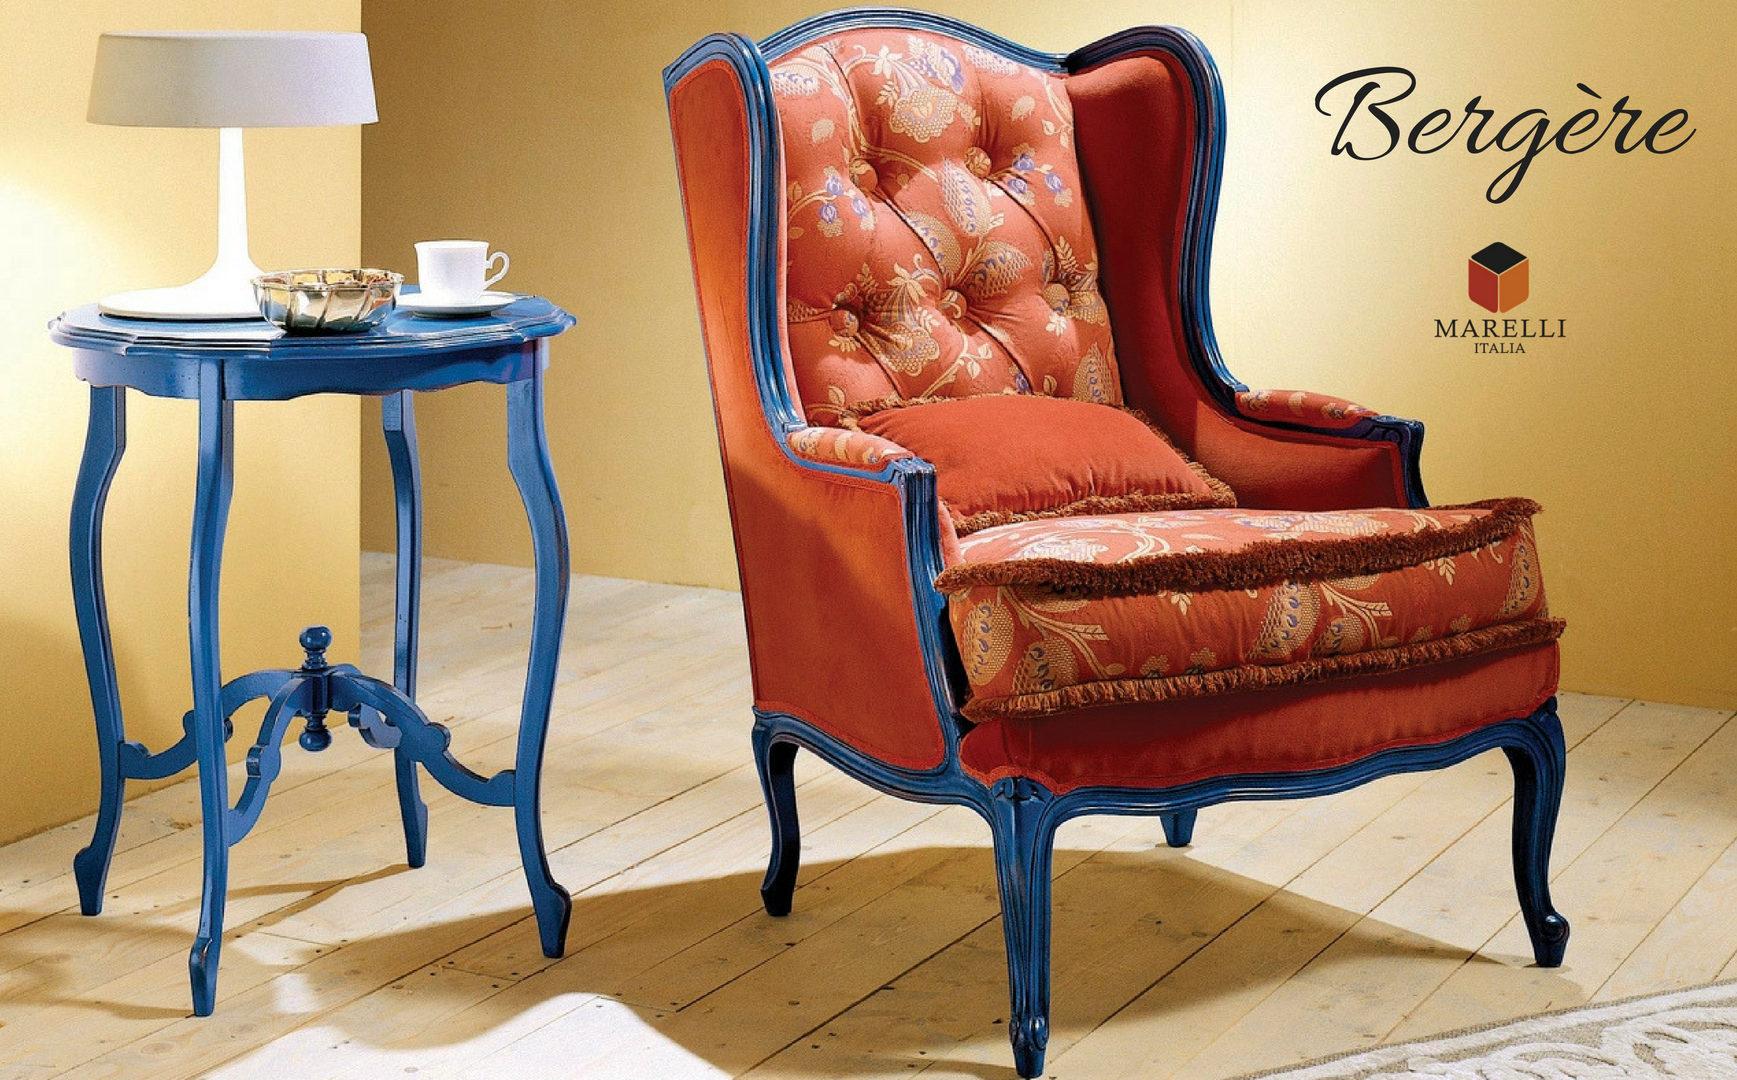 Poltrona Bergère color arancione con profili blu